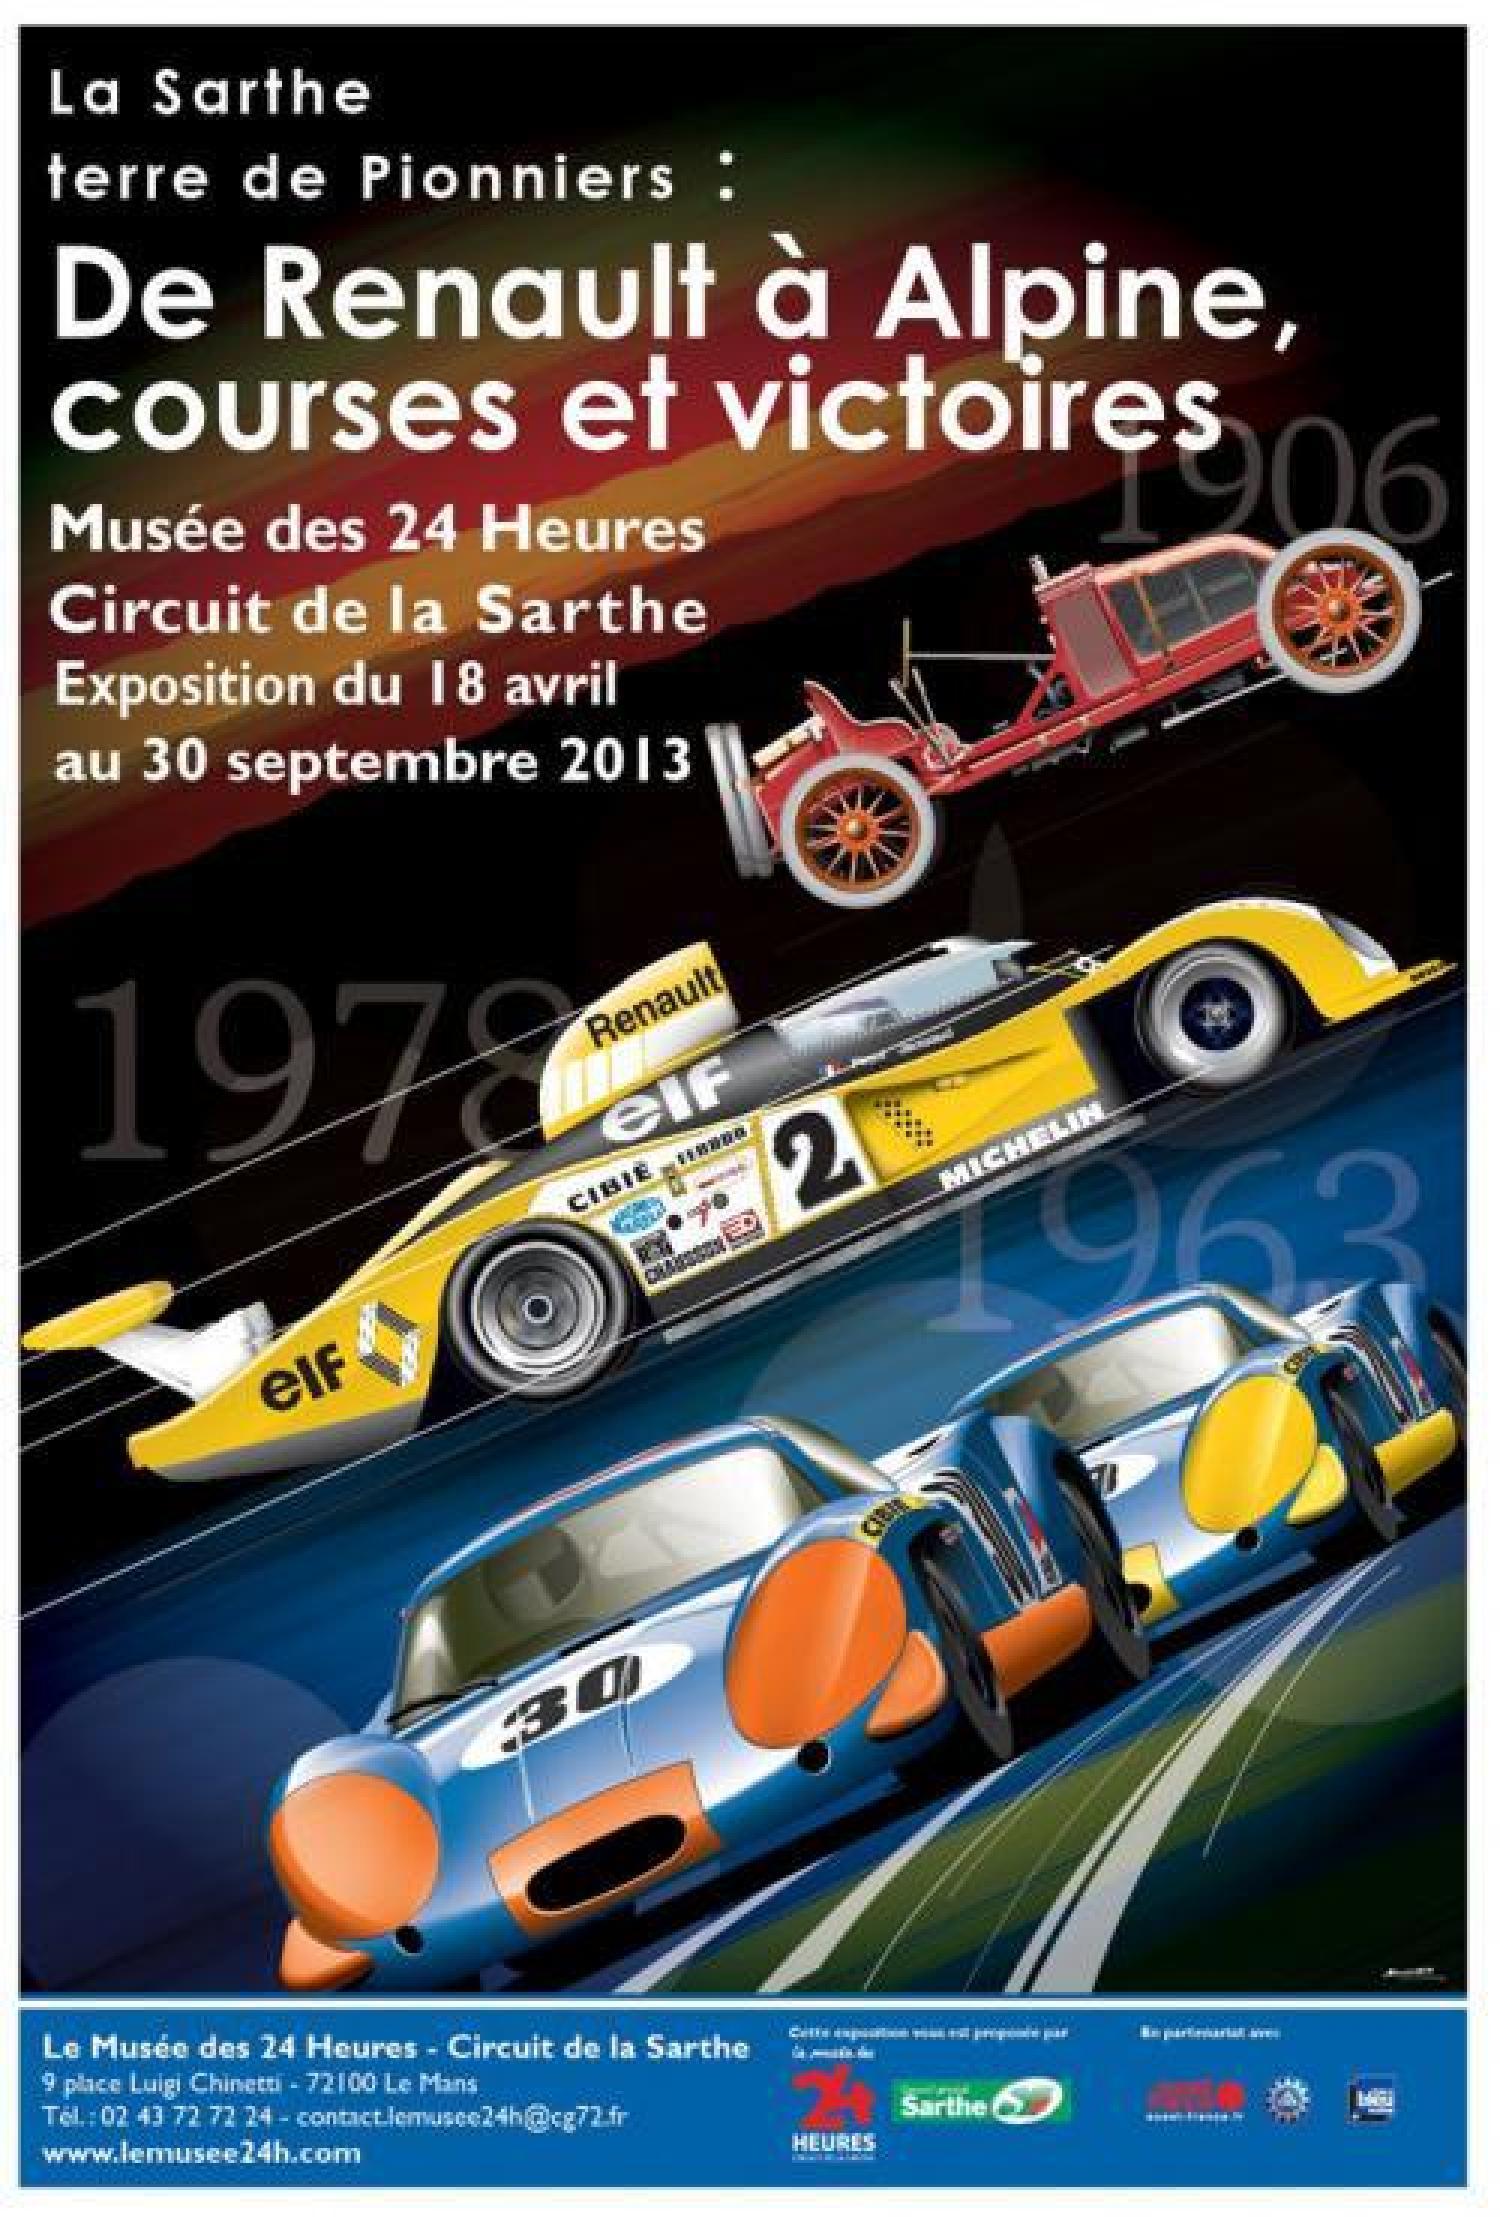 Musée Des 24 Heures Du Mans : musée, heures, L'affiche, Nouvelle, Exposition, Musée, Heures-Circuit, Sarthe, Révélée, 24h-lemans.com